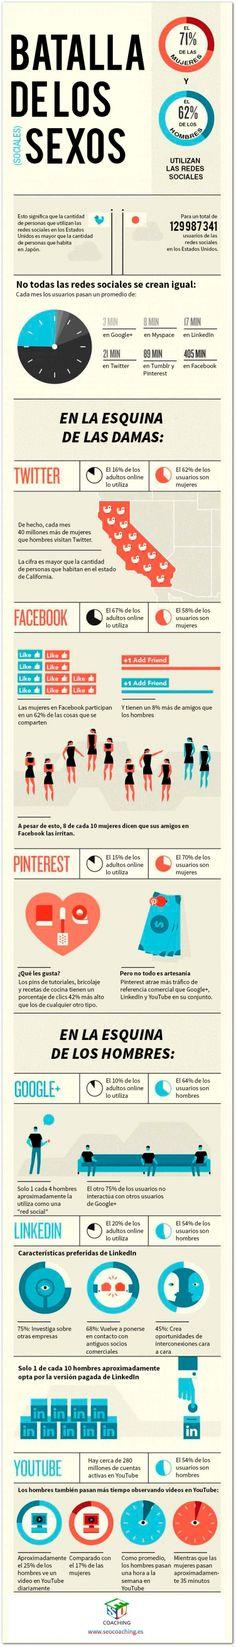 La batalla de los sexos en las Redes Sociales Vía: http://www.seocoaching.es/la-batalla-de-los-sexos-en-el-social-media #infografia #infographic #socialmedia